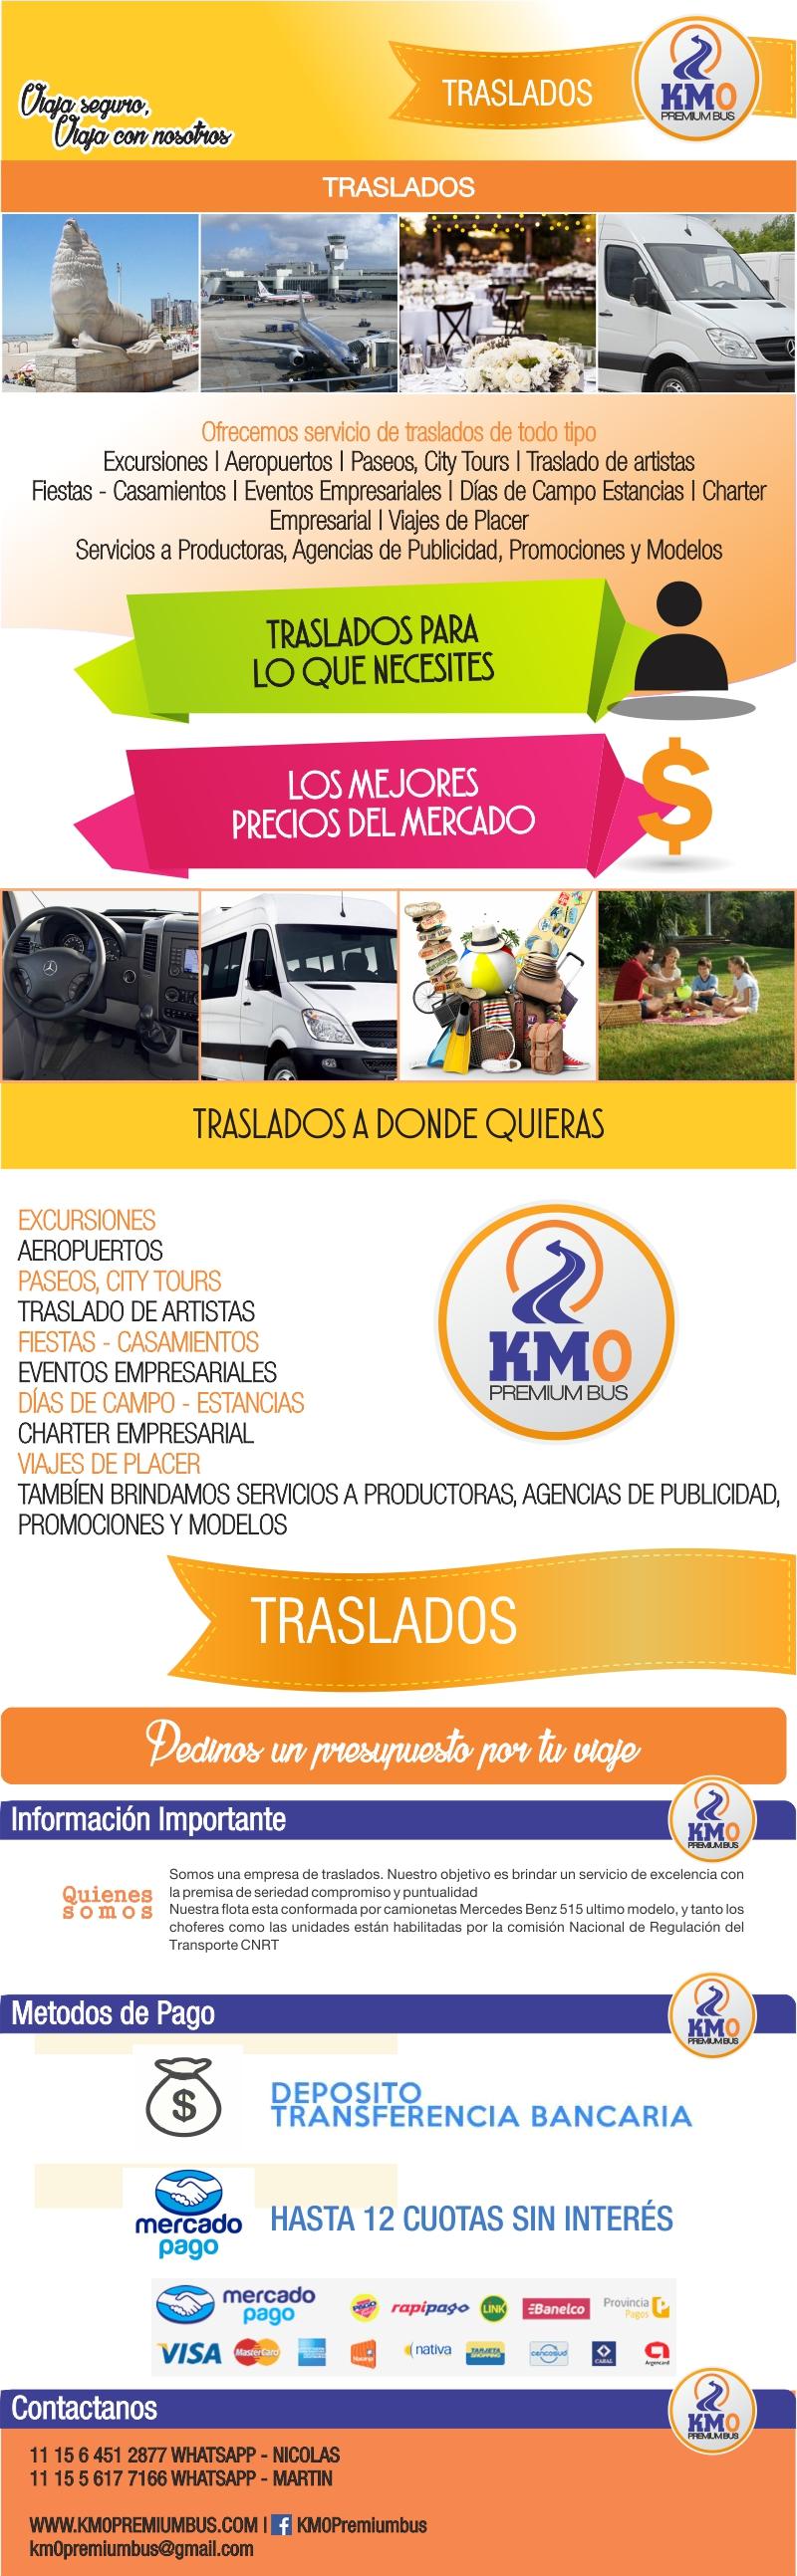 Plantilla Mercado Libre KM0 TRASLADOS